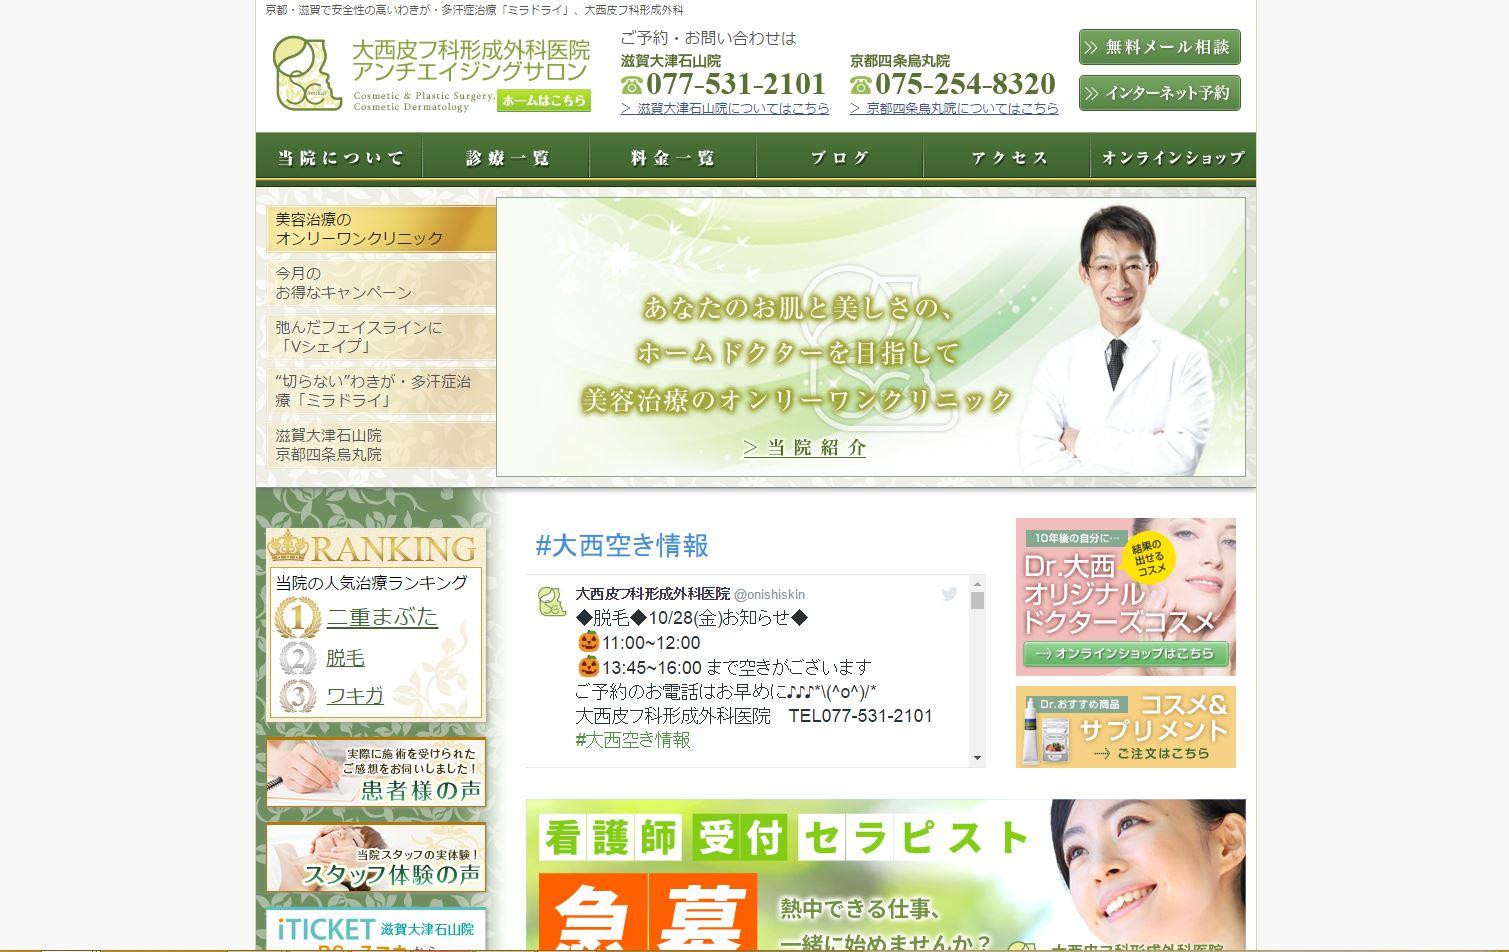 大西皮フ科形成外科医院京都四条烏丸院キャプチャ画像